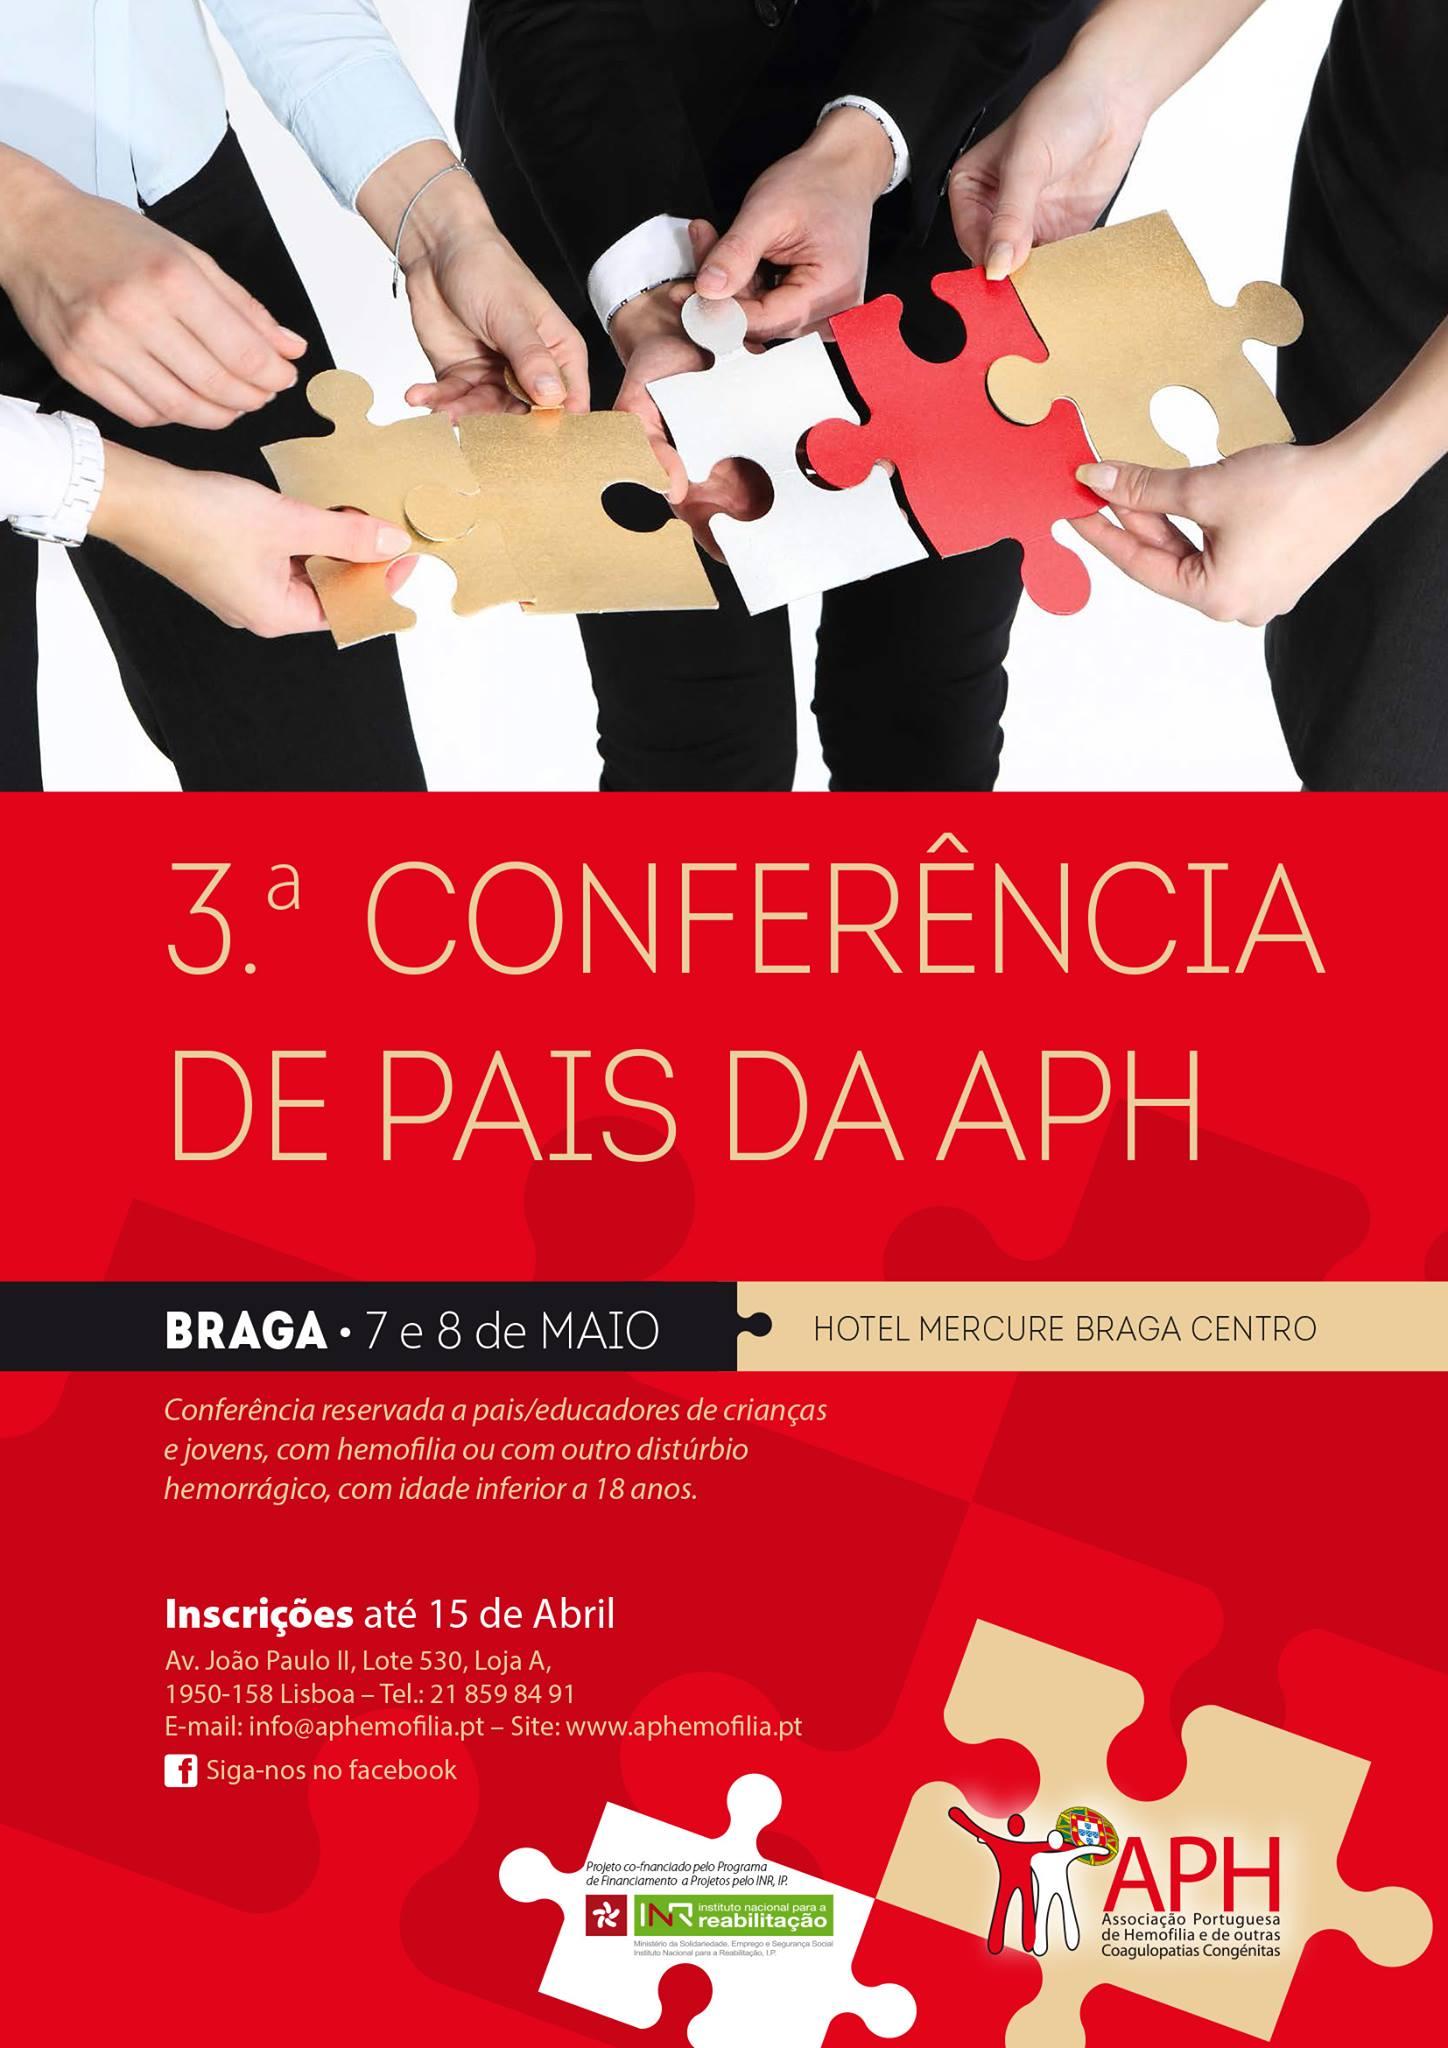 3ª Conferência de Pais da APH